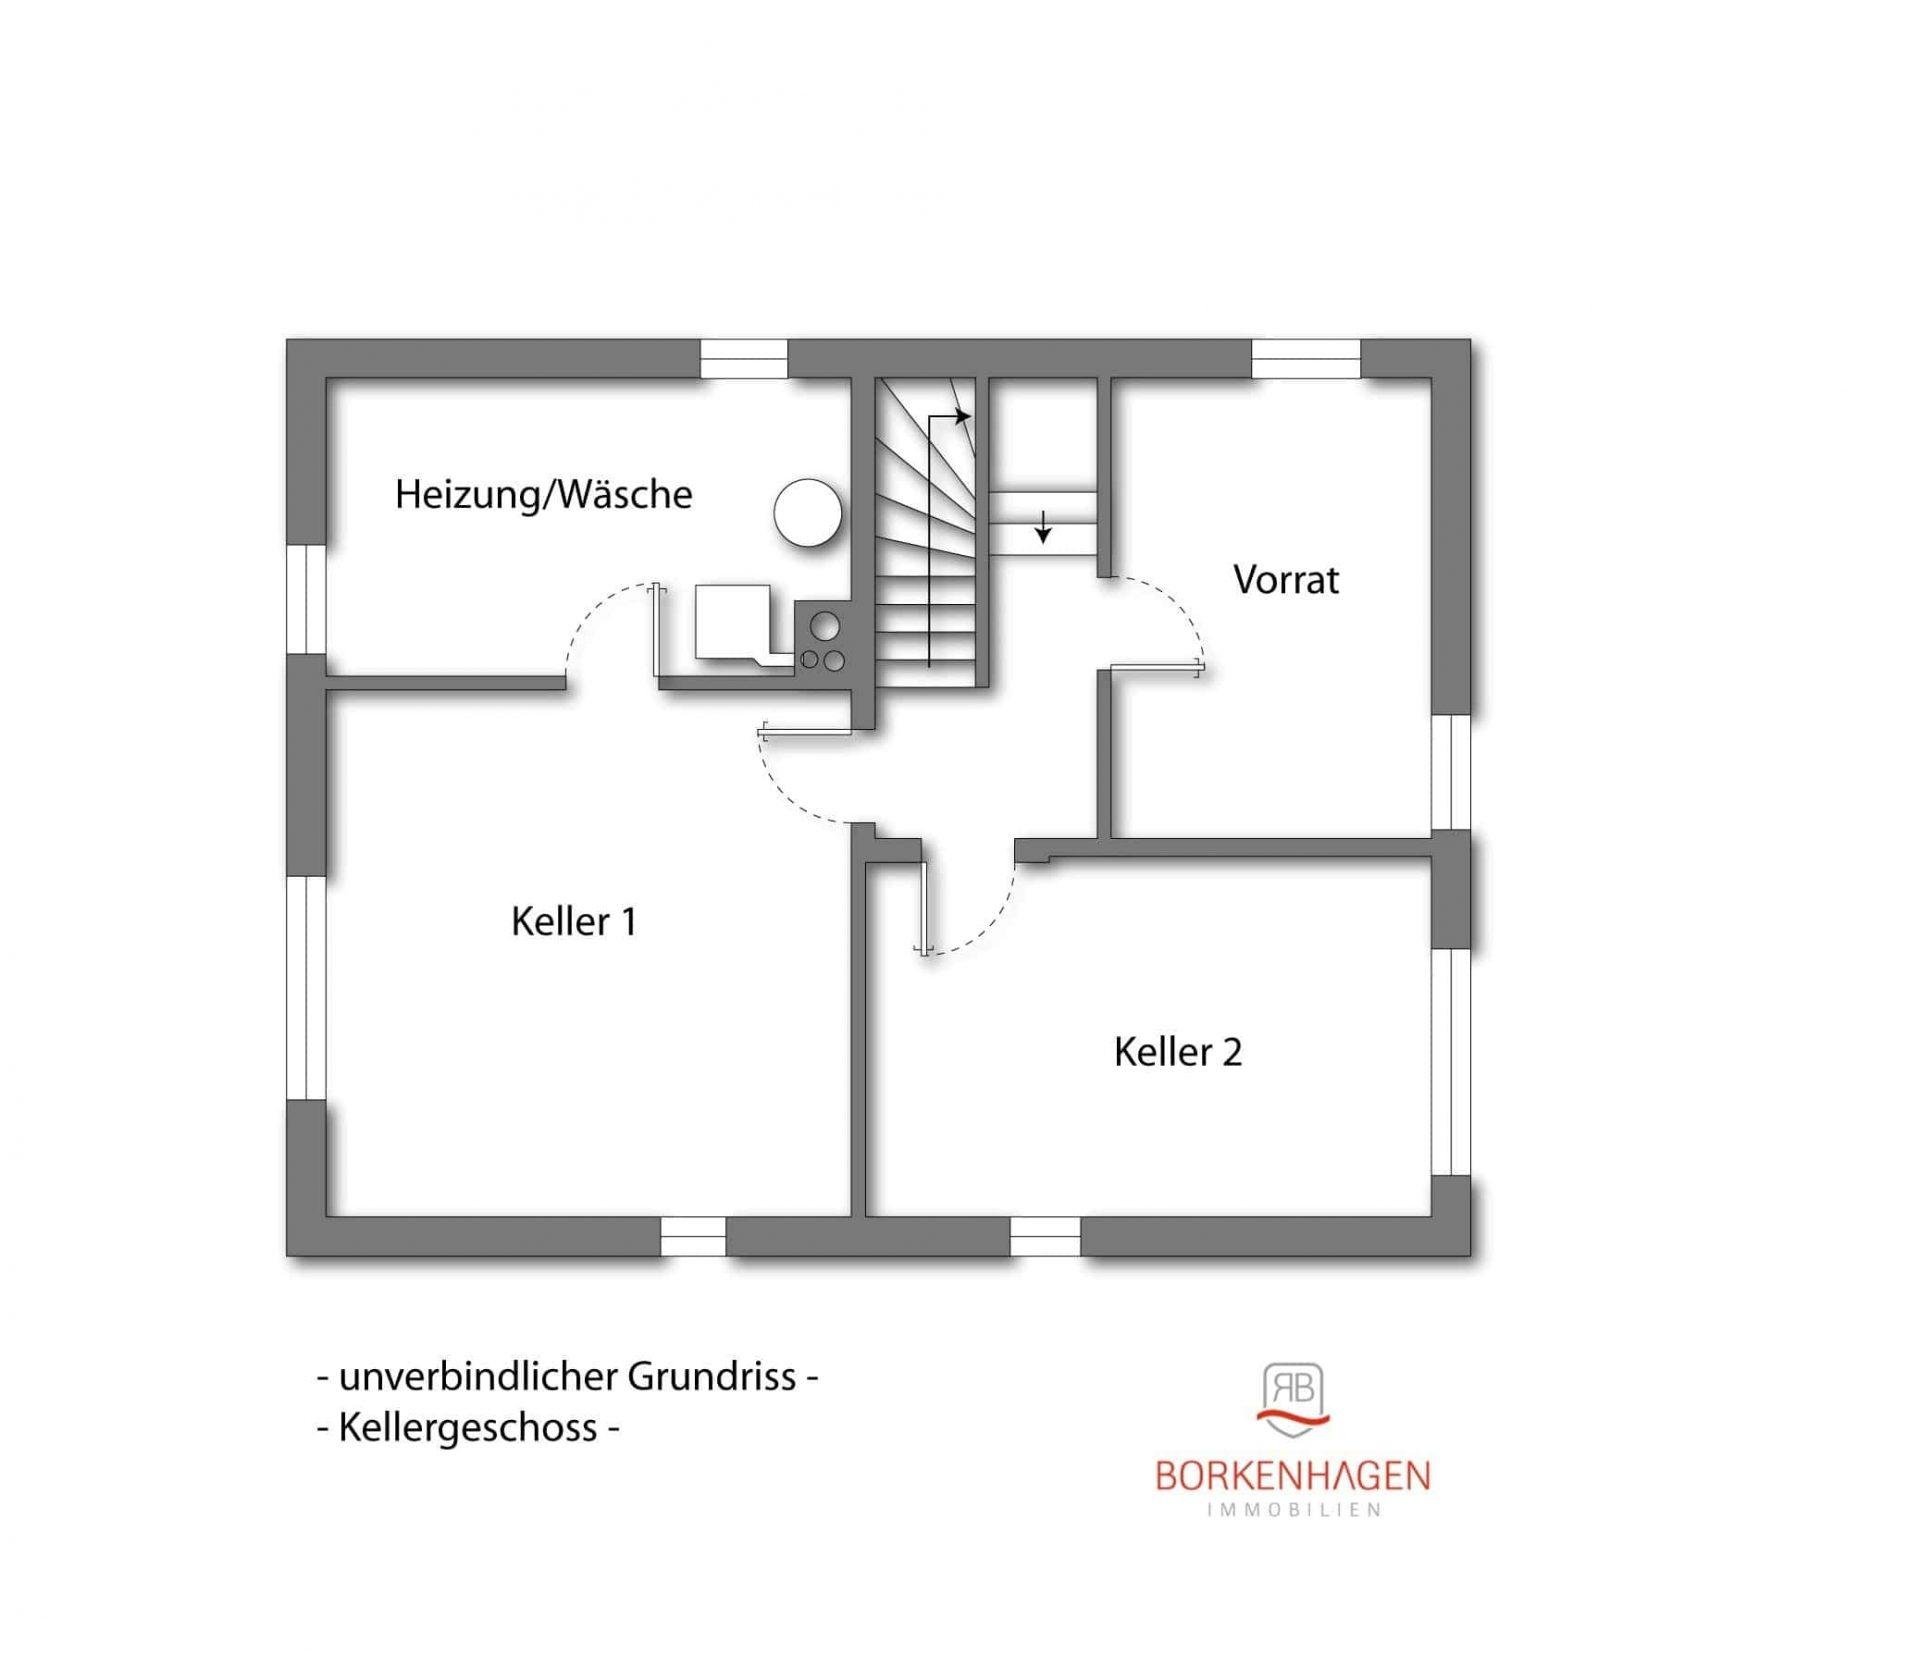 KG - unverbindlicher Grundriss -